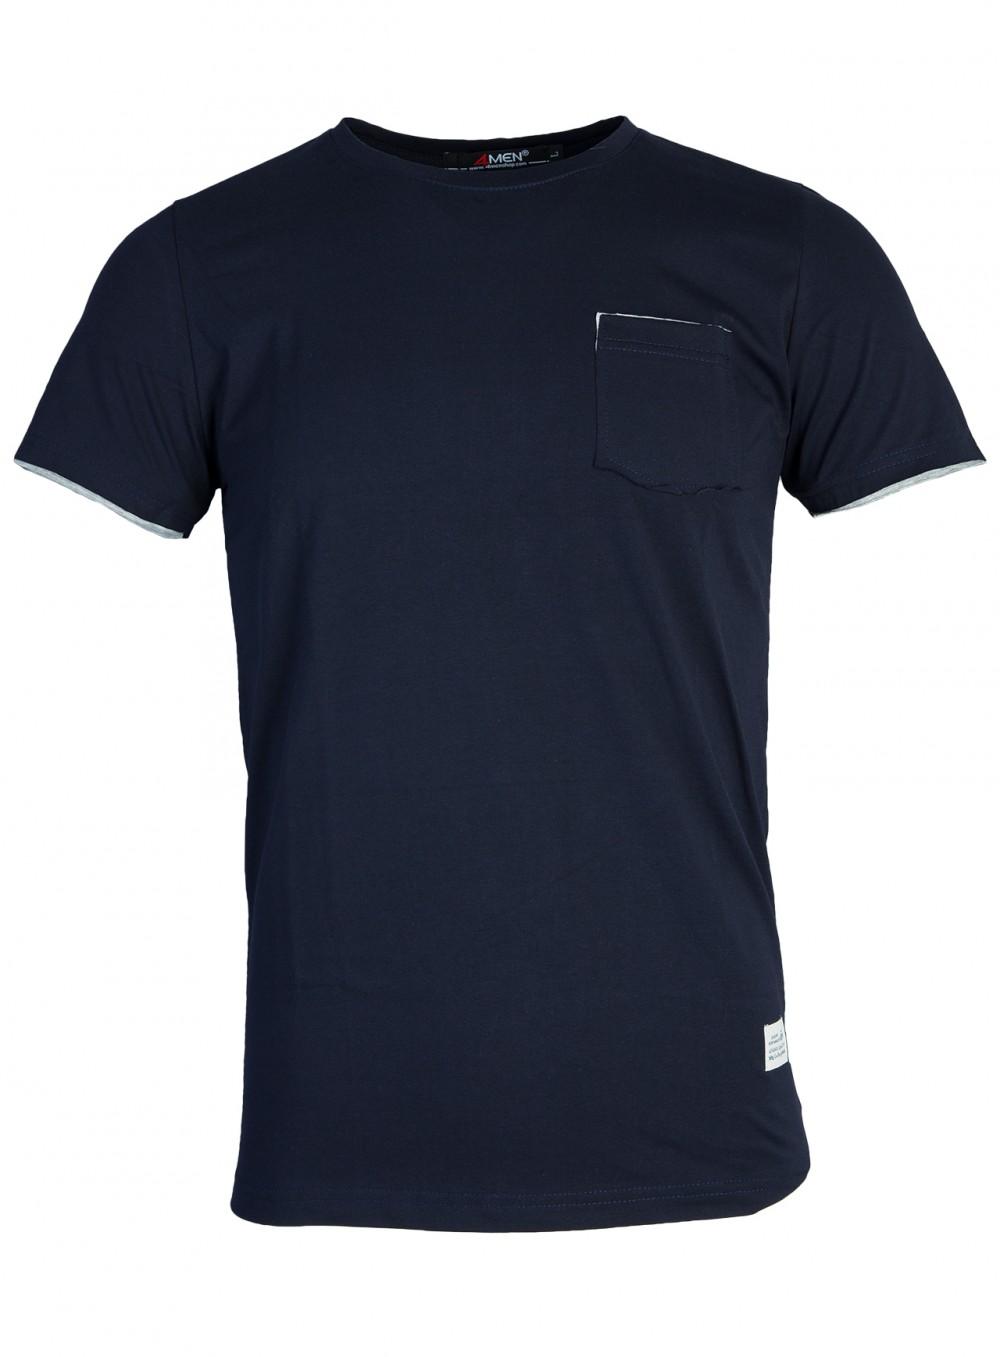 Áo thun xanh đen at761 - 1